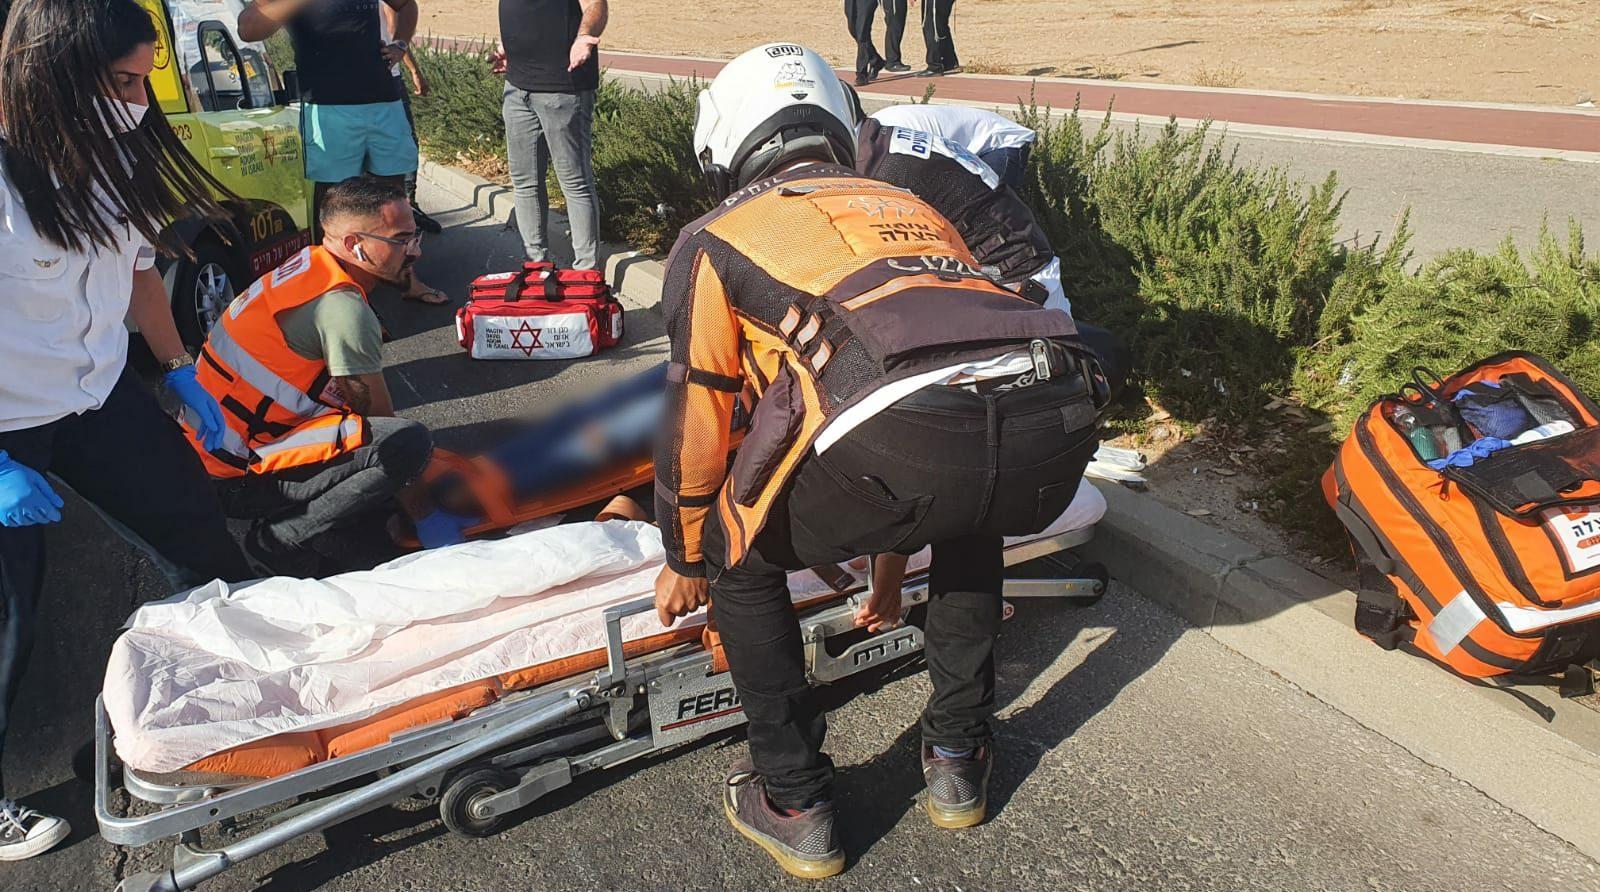 רוכב אופנוע נפצע בינוני בתאונה באשדוד